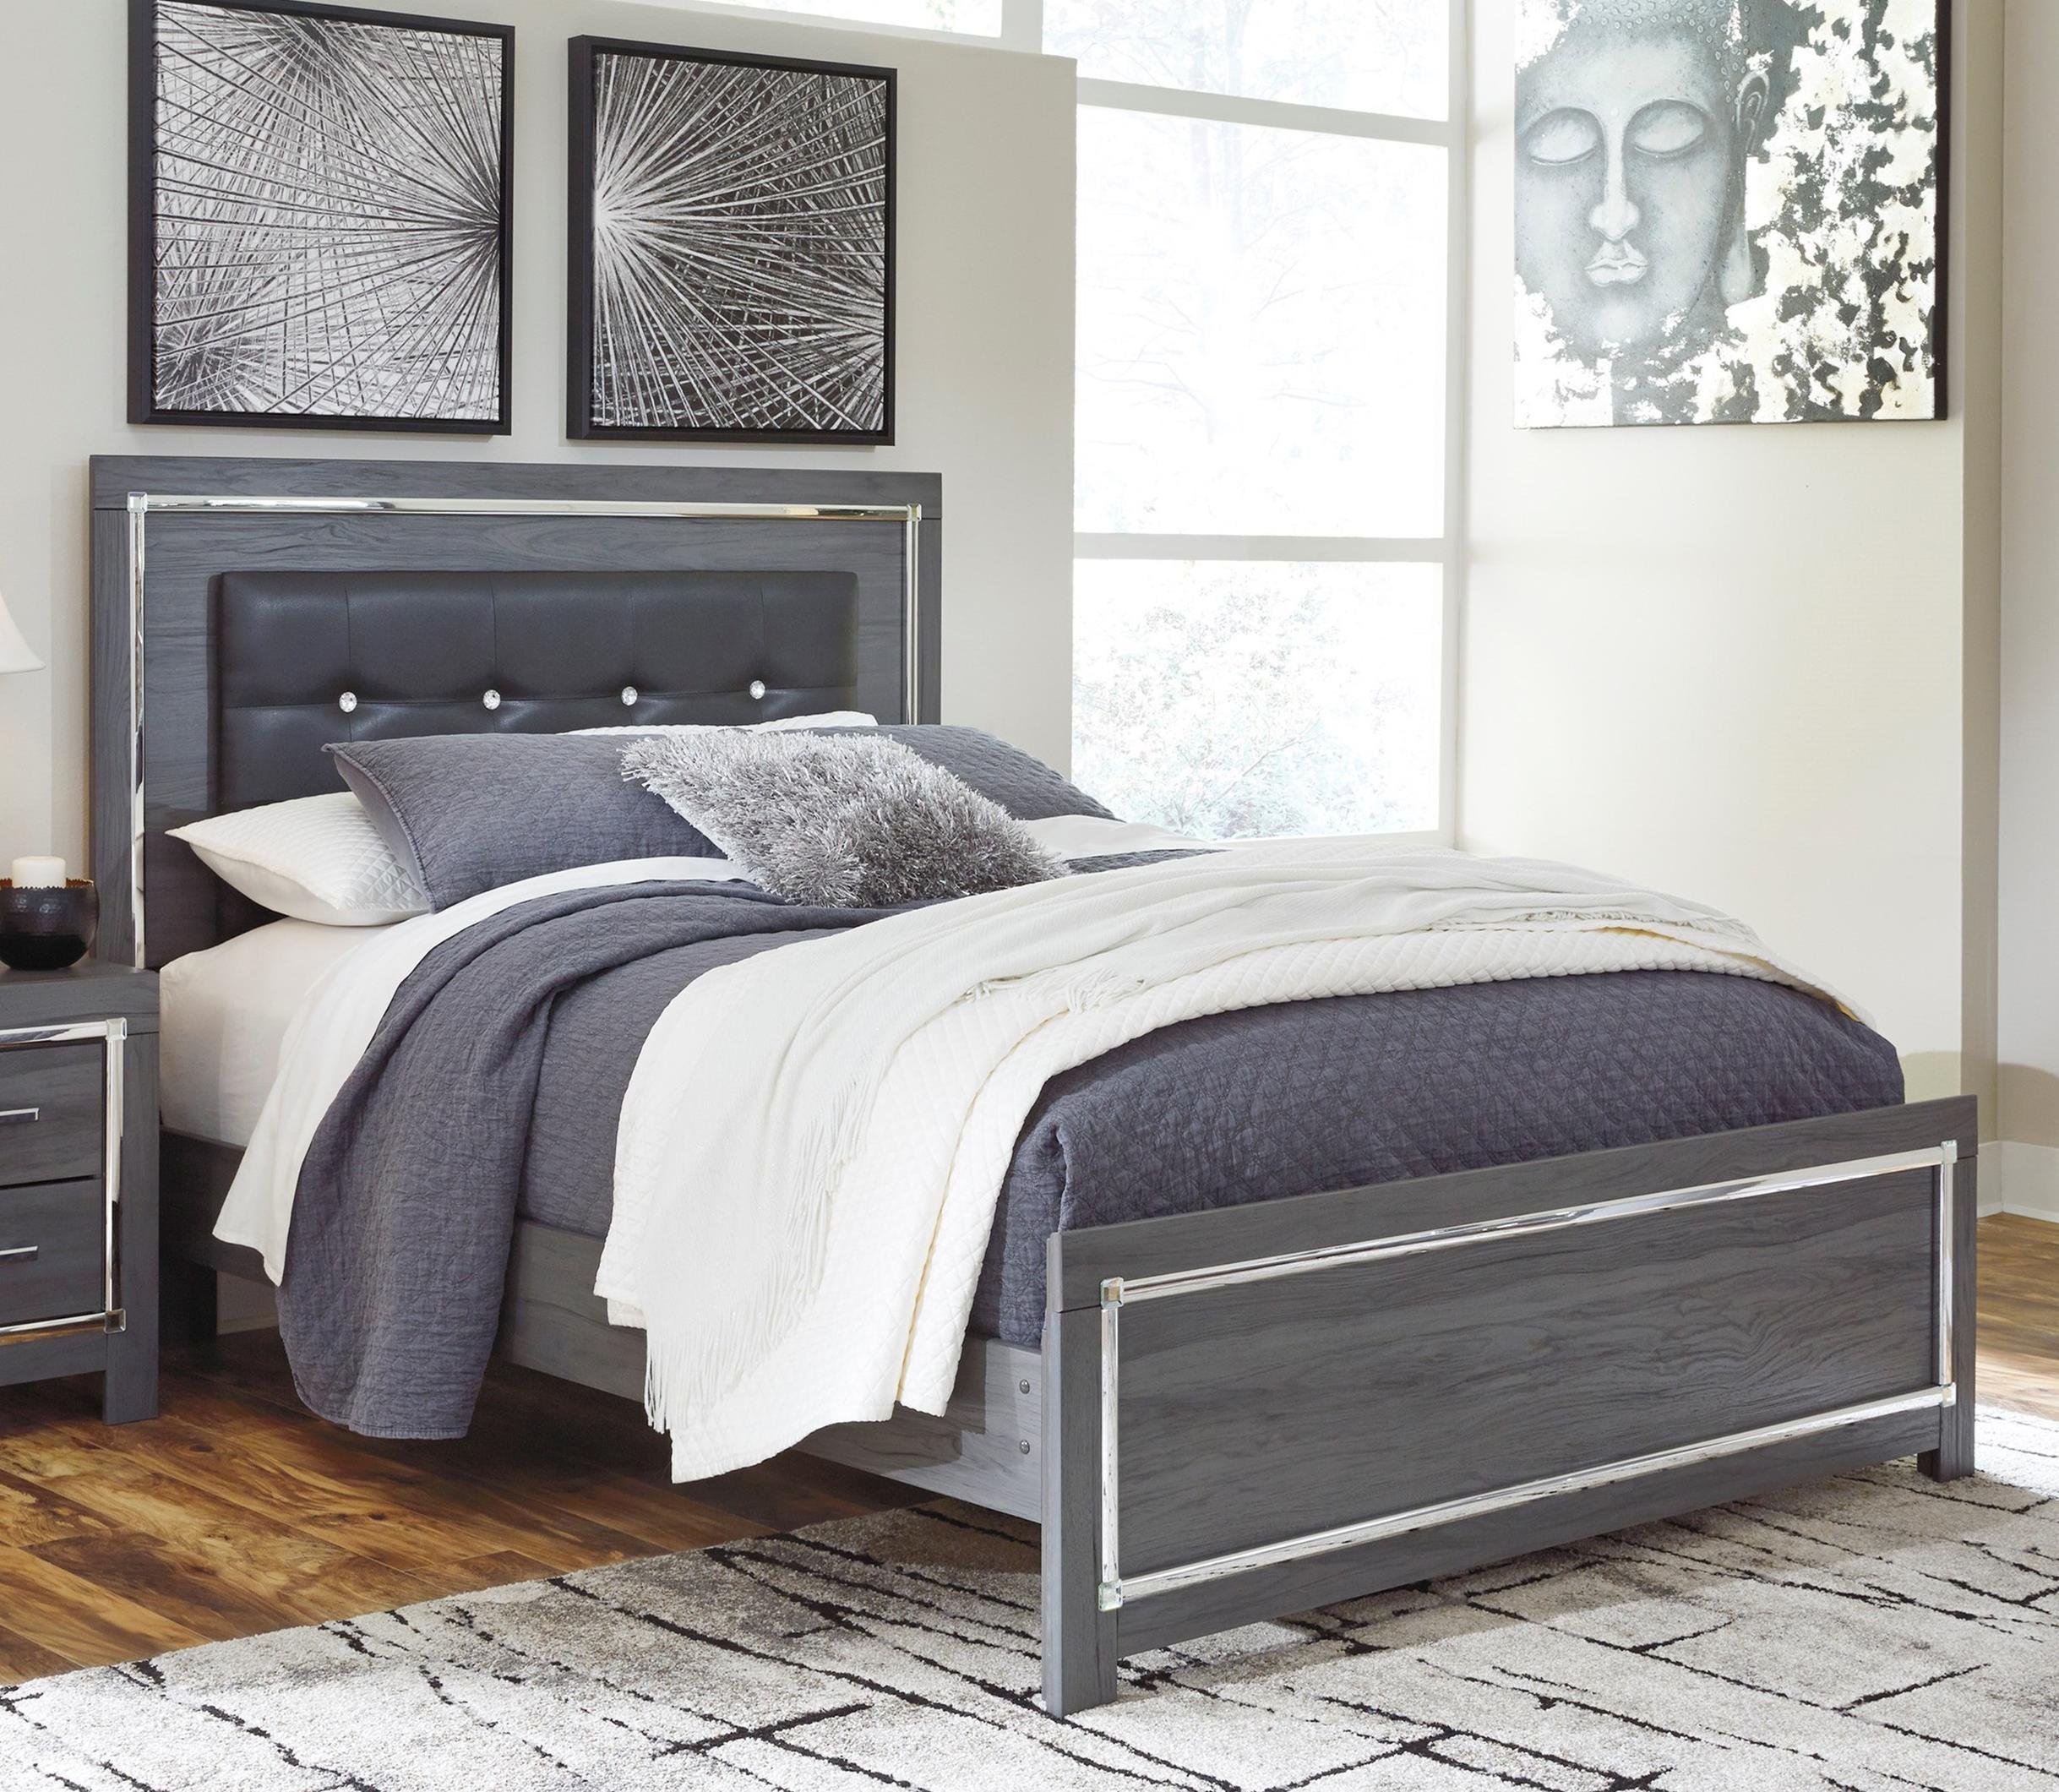 Lodana Full Upholstered Bed by Ashley (Signature Design) at Johnny Janosik